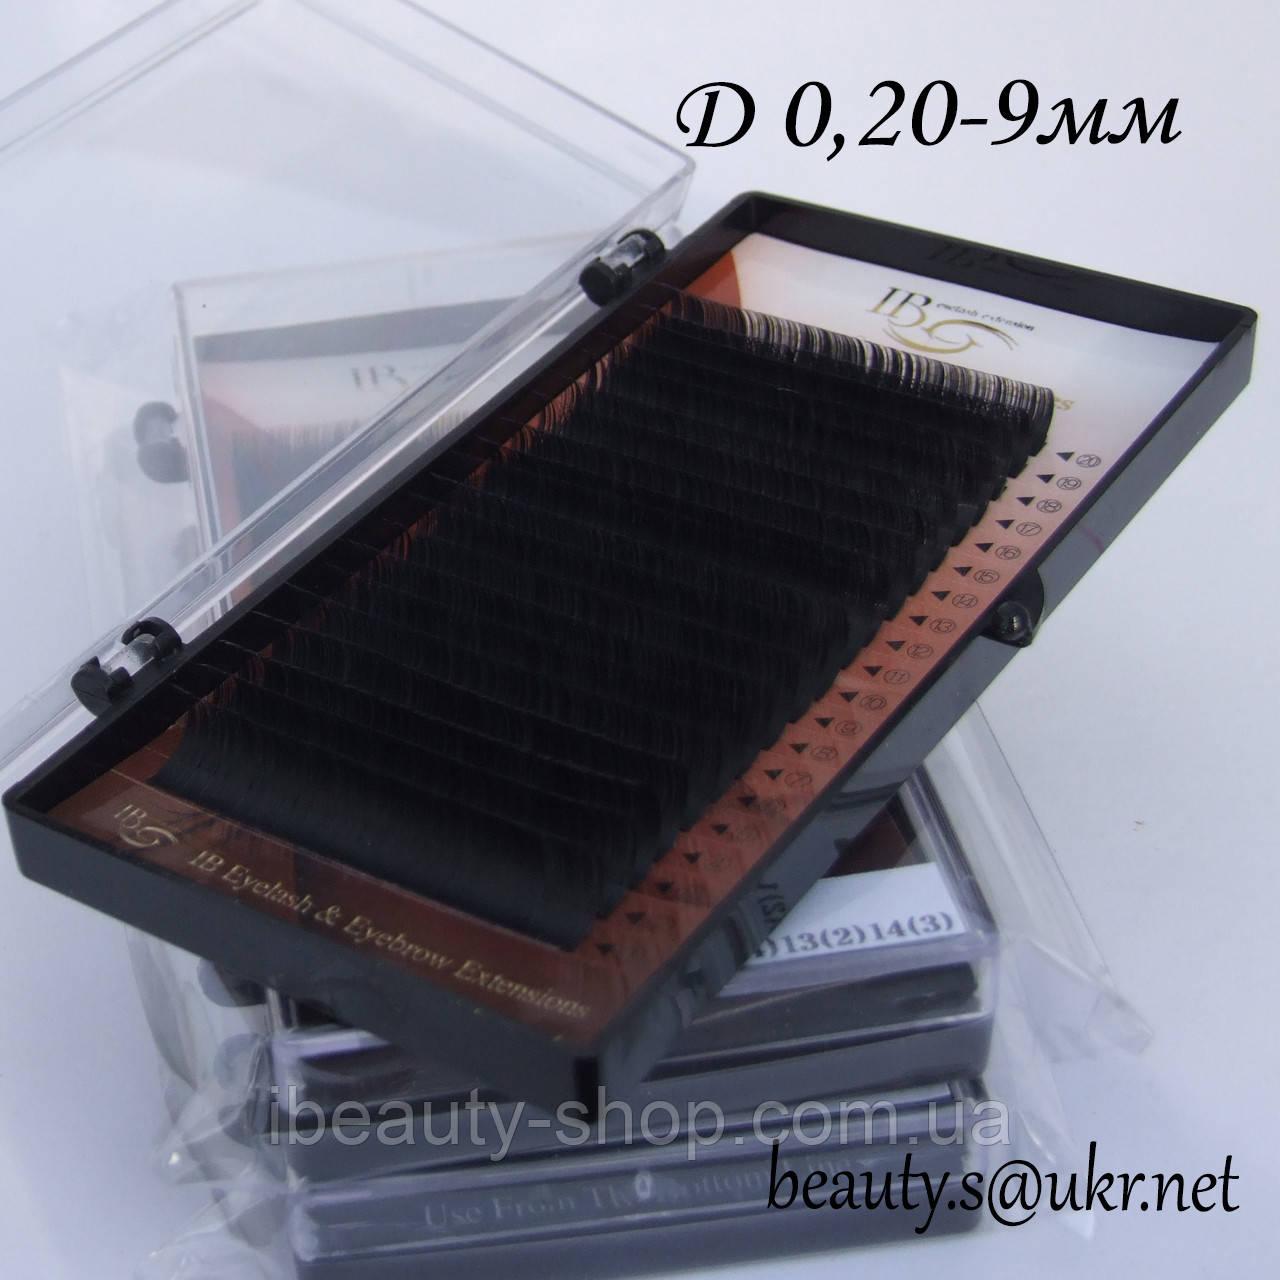 Ресницы  I-Beauty на ленте D-0,20 9мм